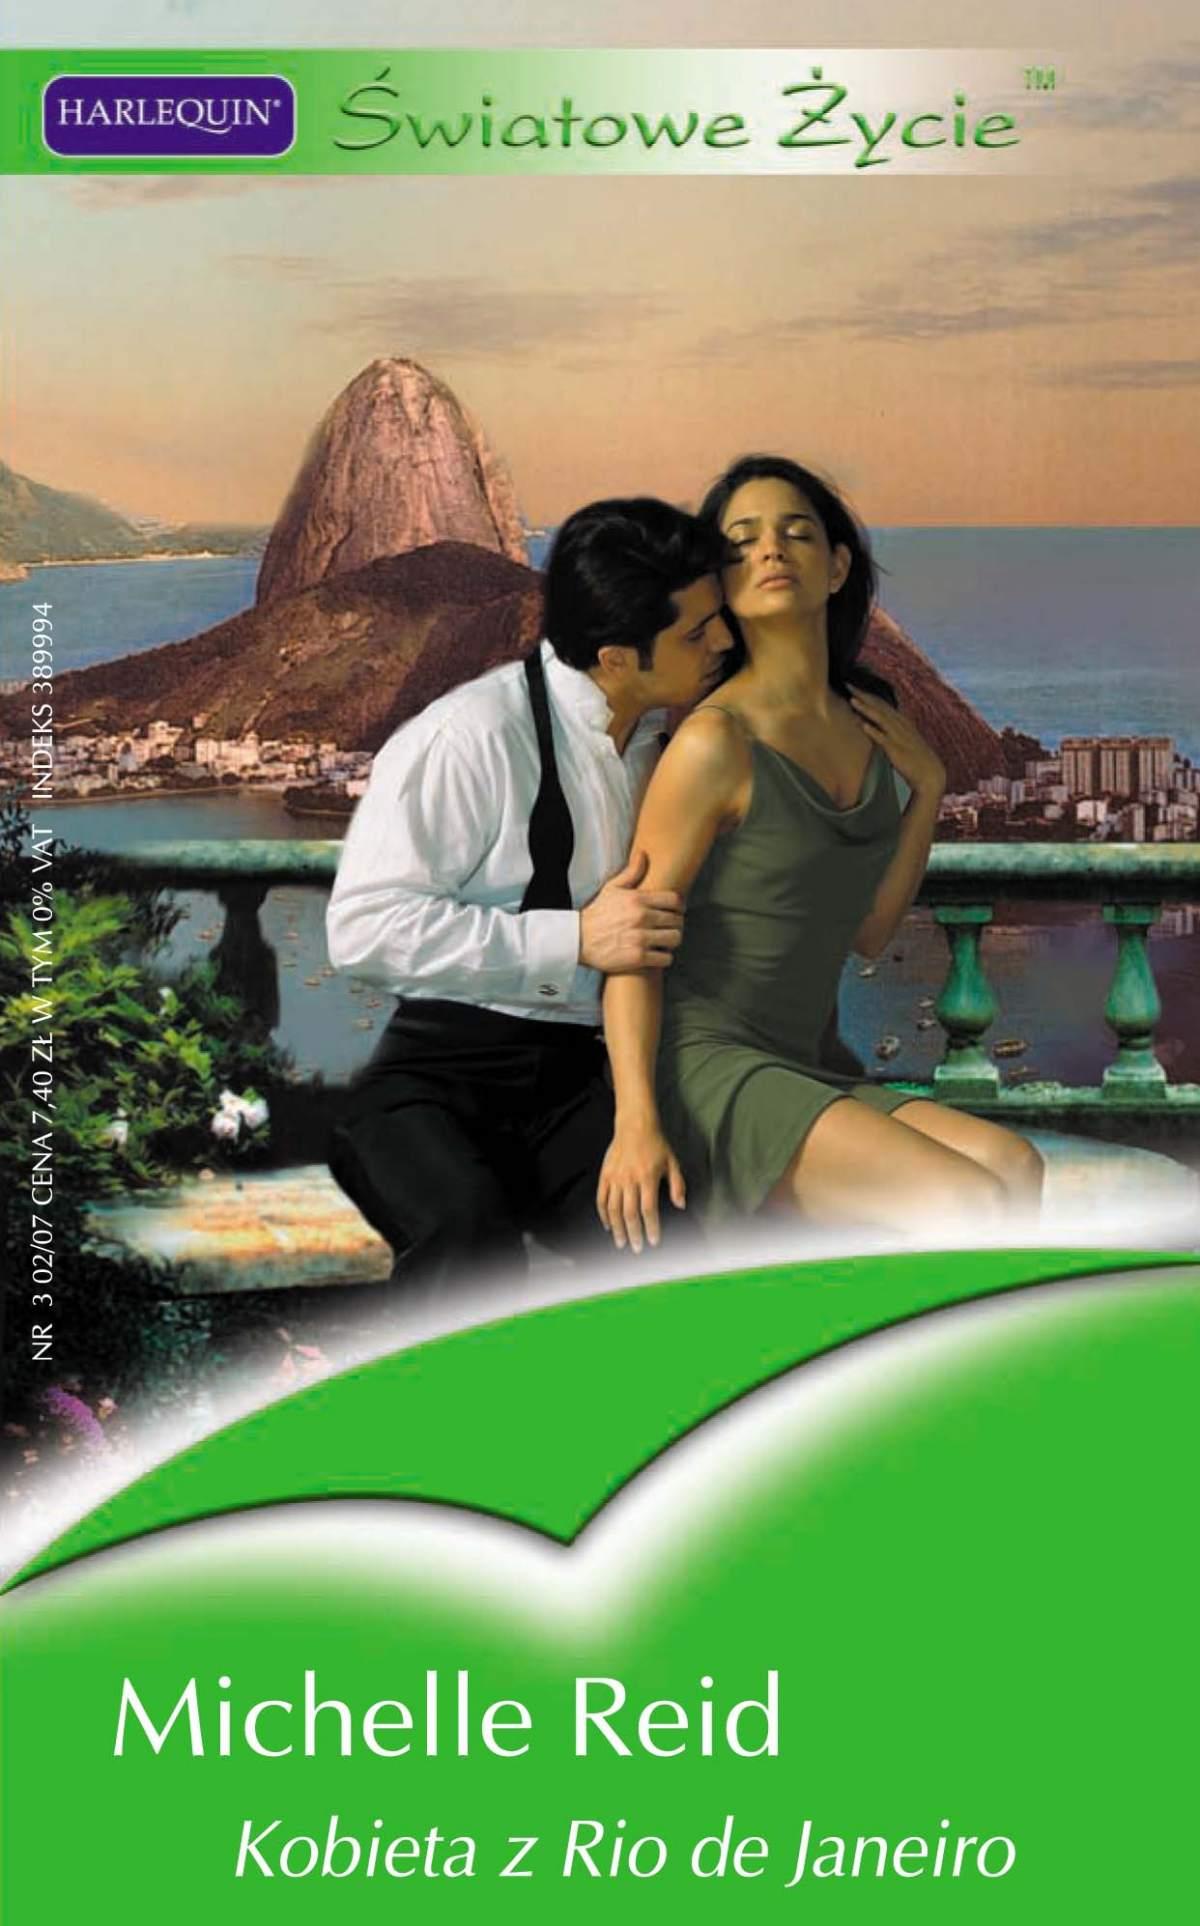 Kobieta z Rio de Janeiro - Ebook (Książka EPUB) do pobrania w formacie EPUB